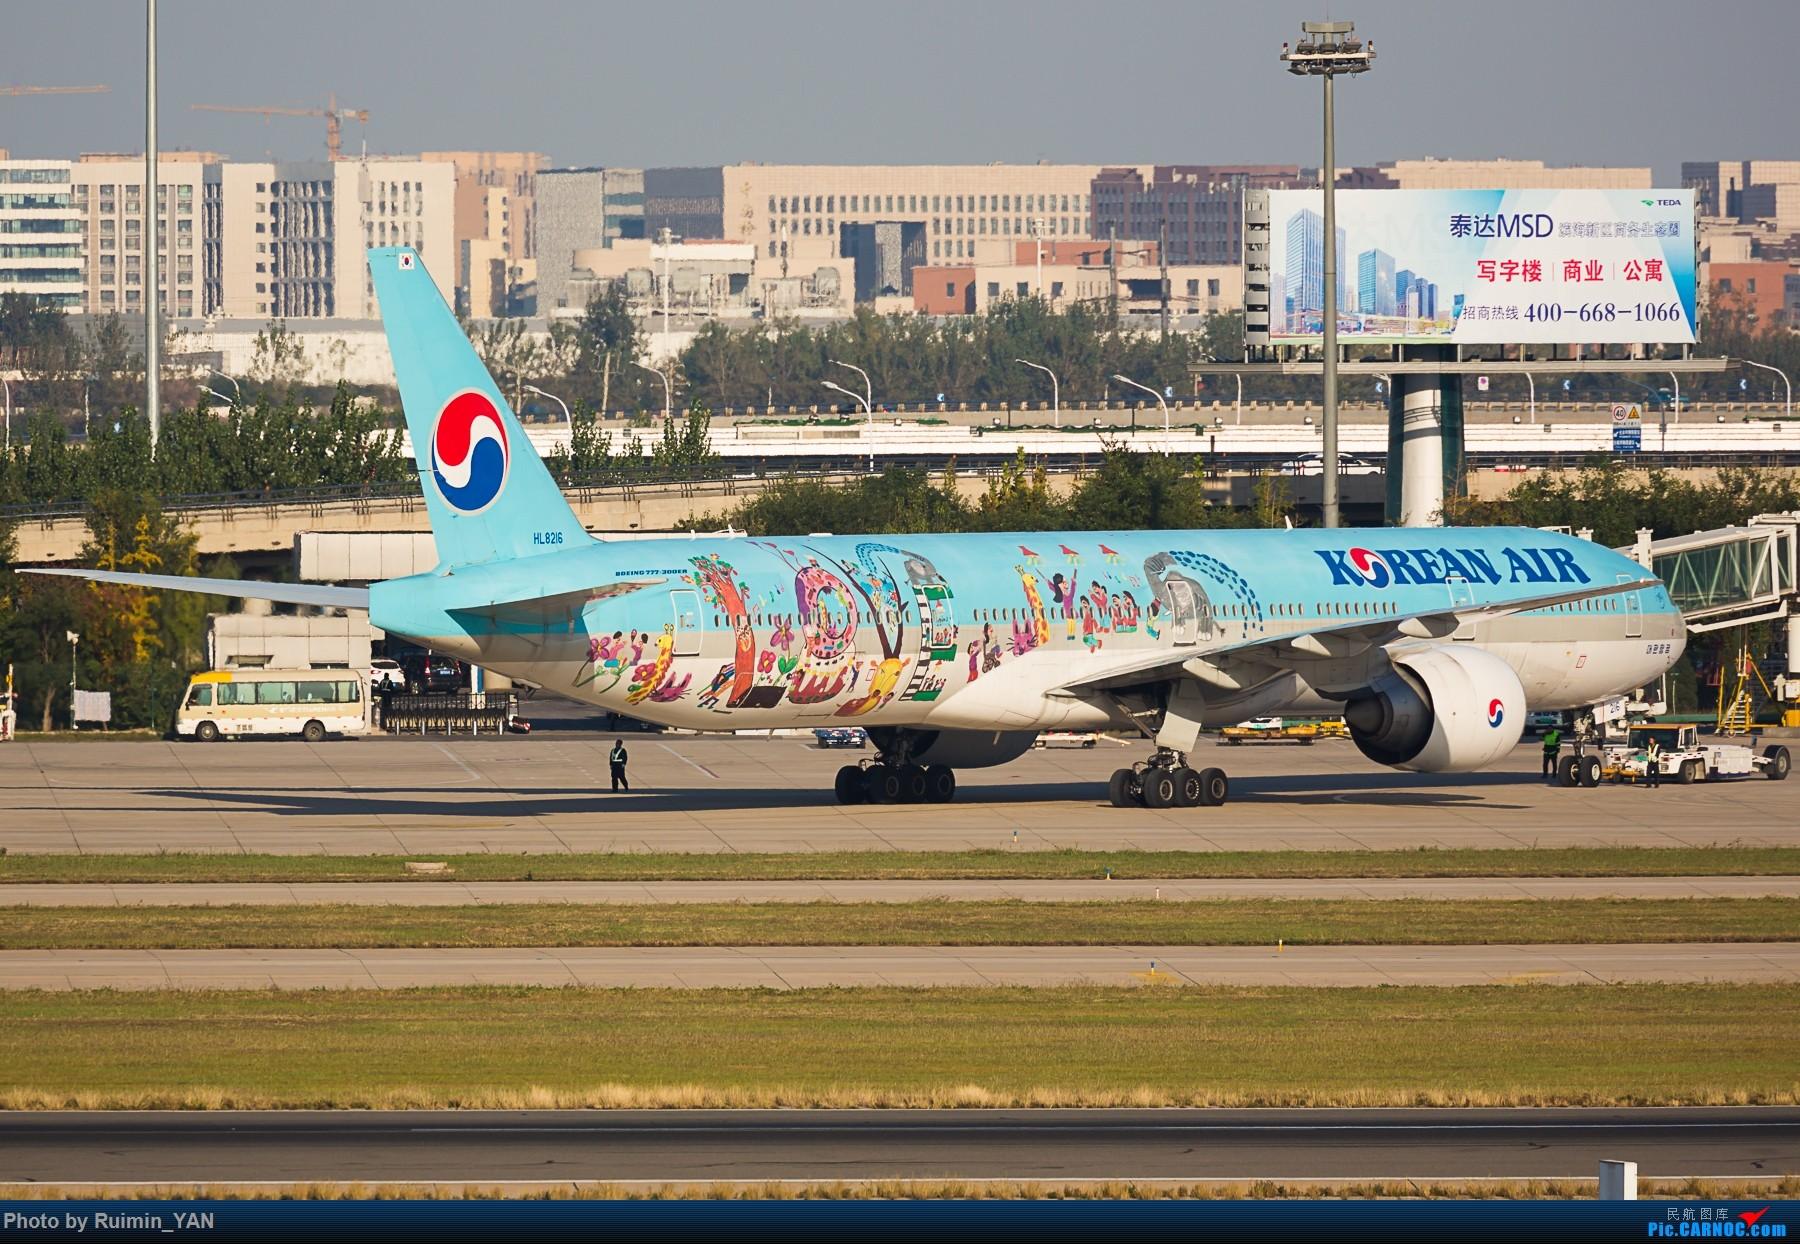 [原创]【TSN】【彩绘】【2016年最后一贴】偶遇最多的外航飞机:大韩之爱 起降,推出 77W/HL8216 BOEING 777-300ER HL8216 中国天津滨海国际机场